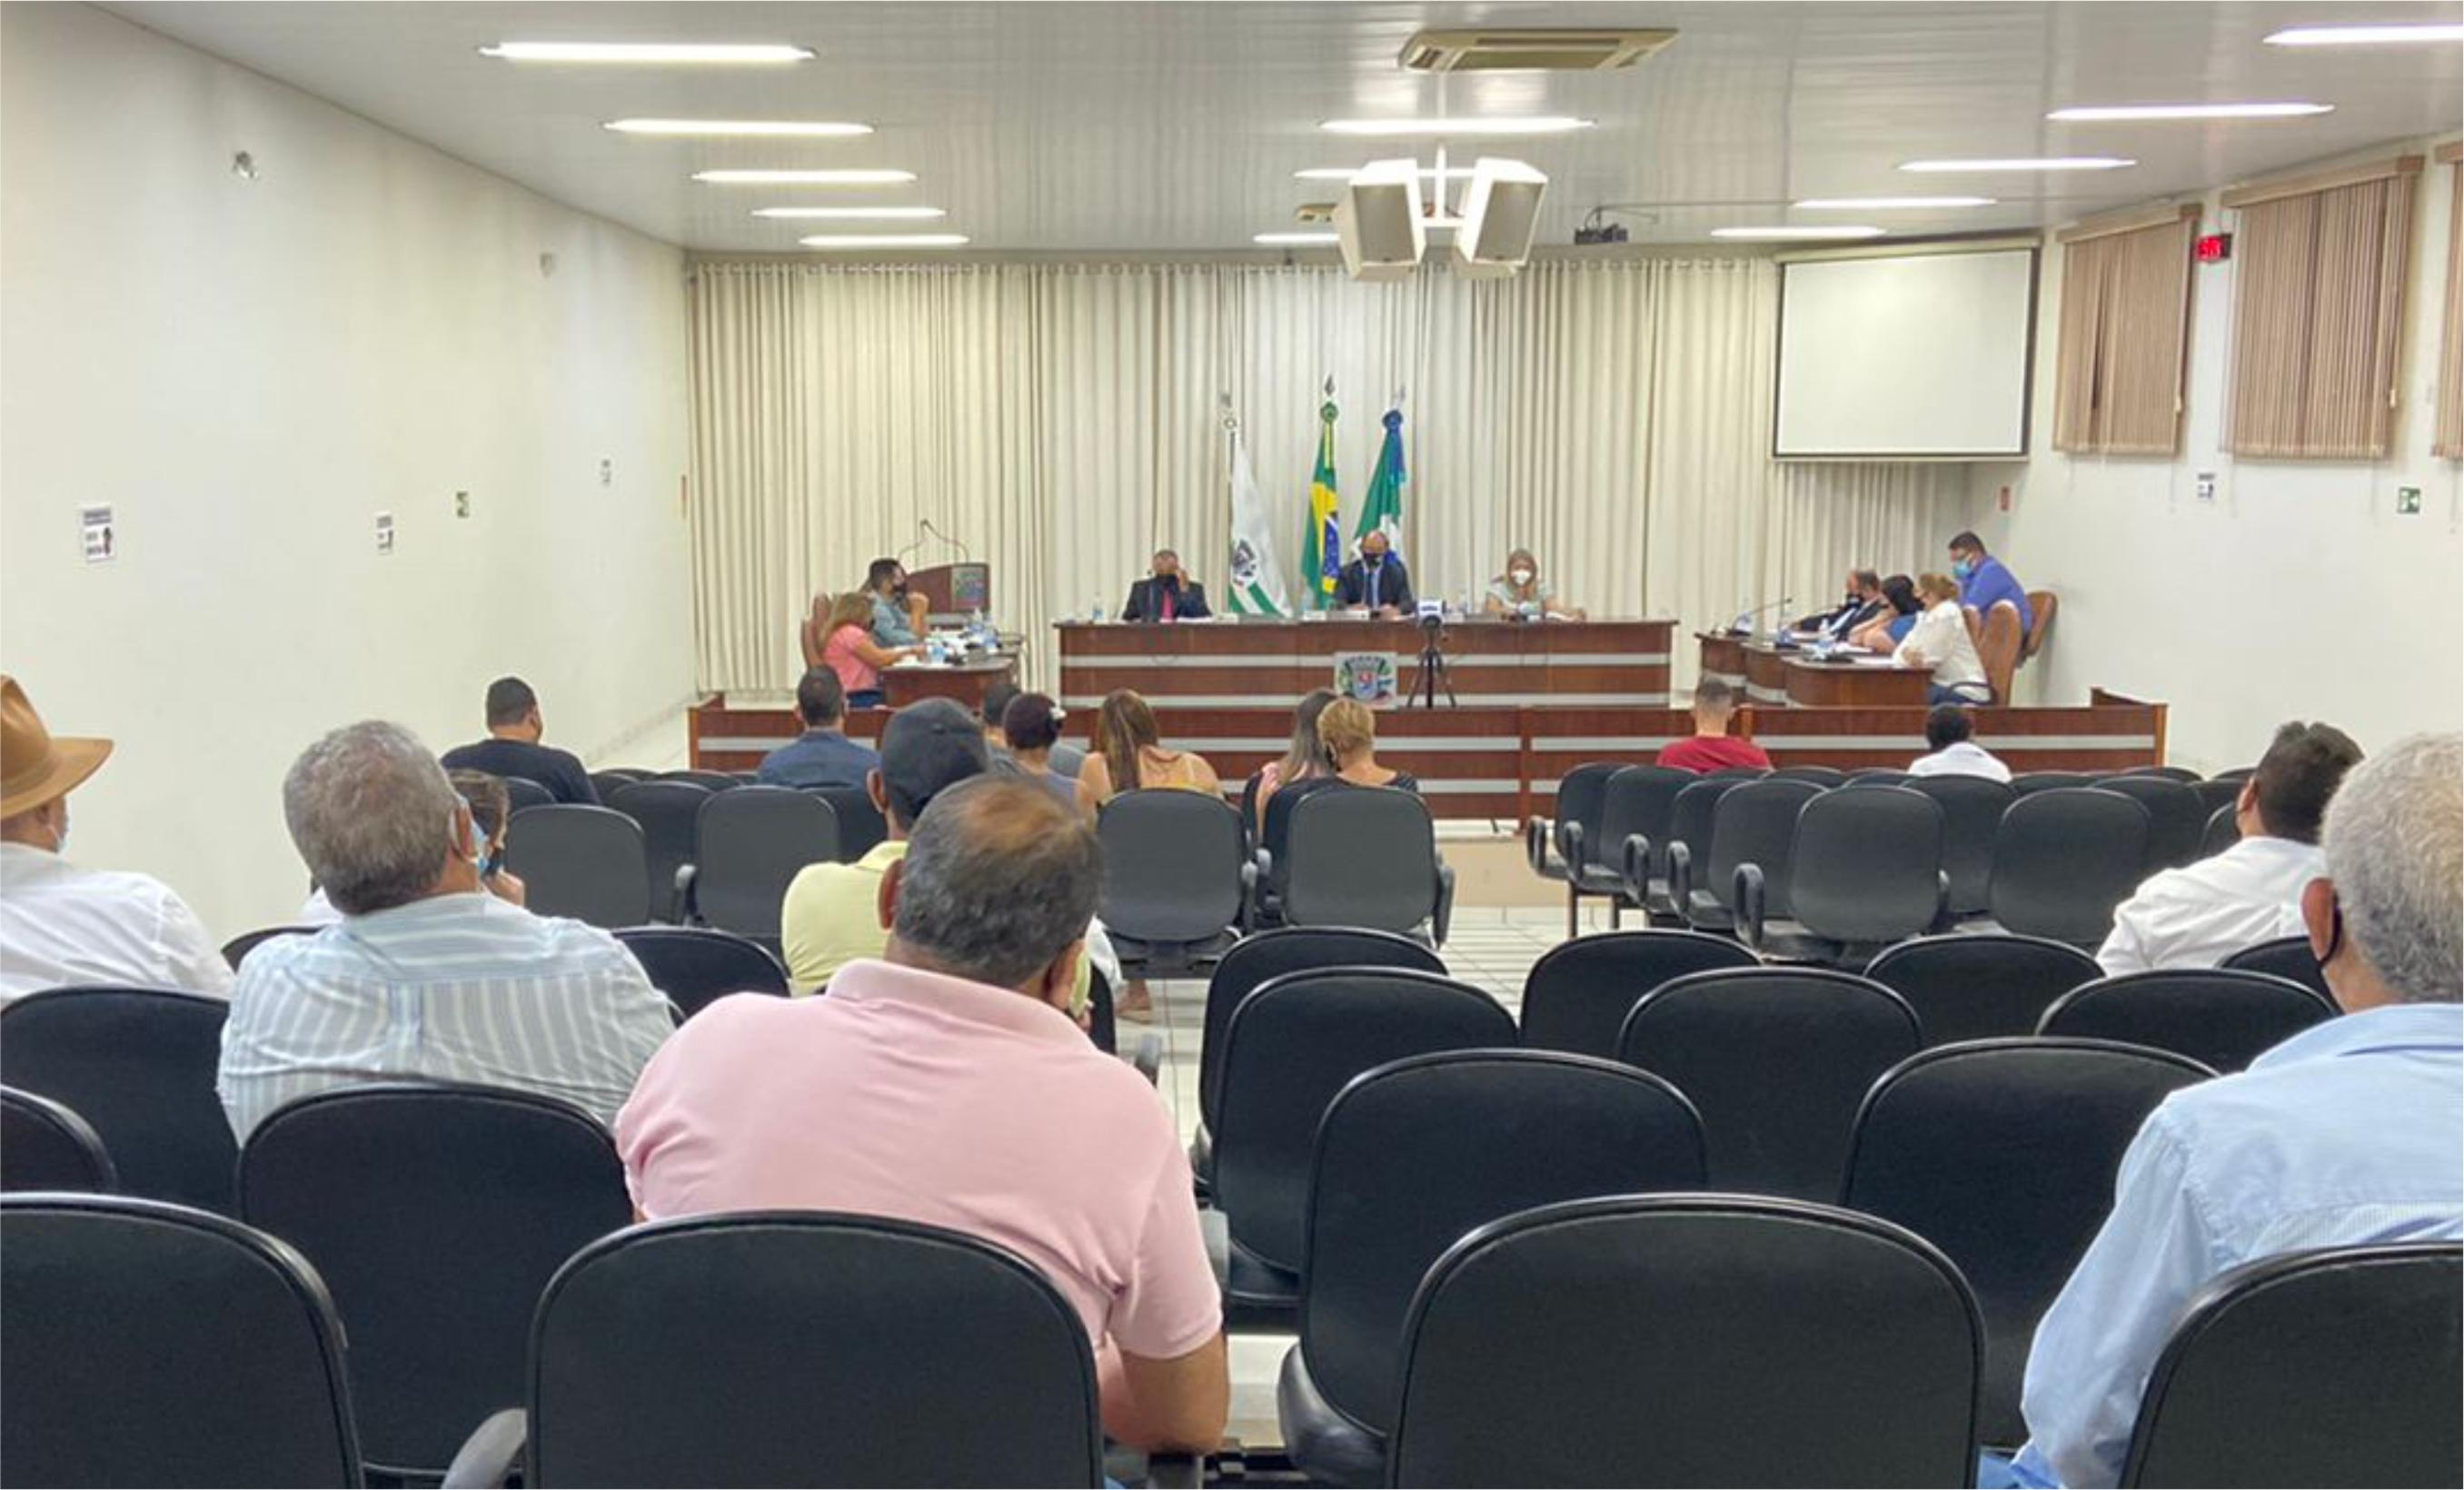 Câmara de Brasilândia: confira os requerimentos apresentados no último dia 27/09.